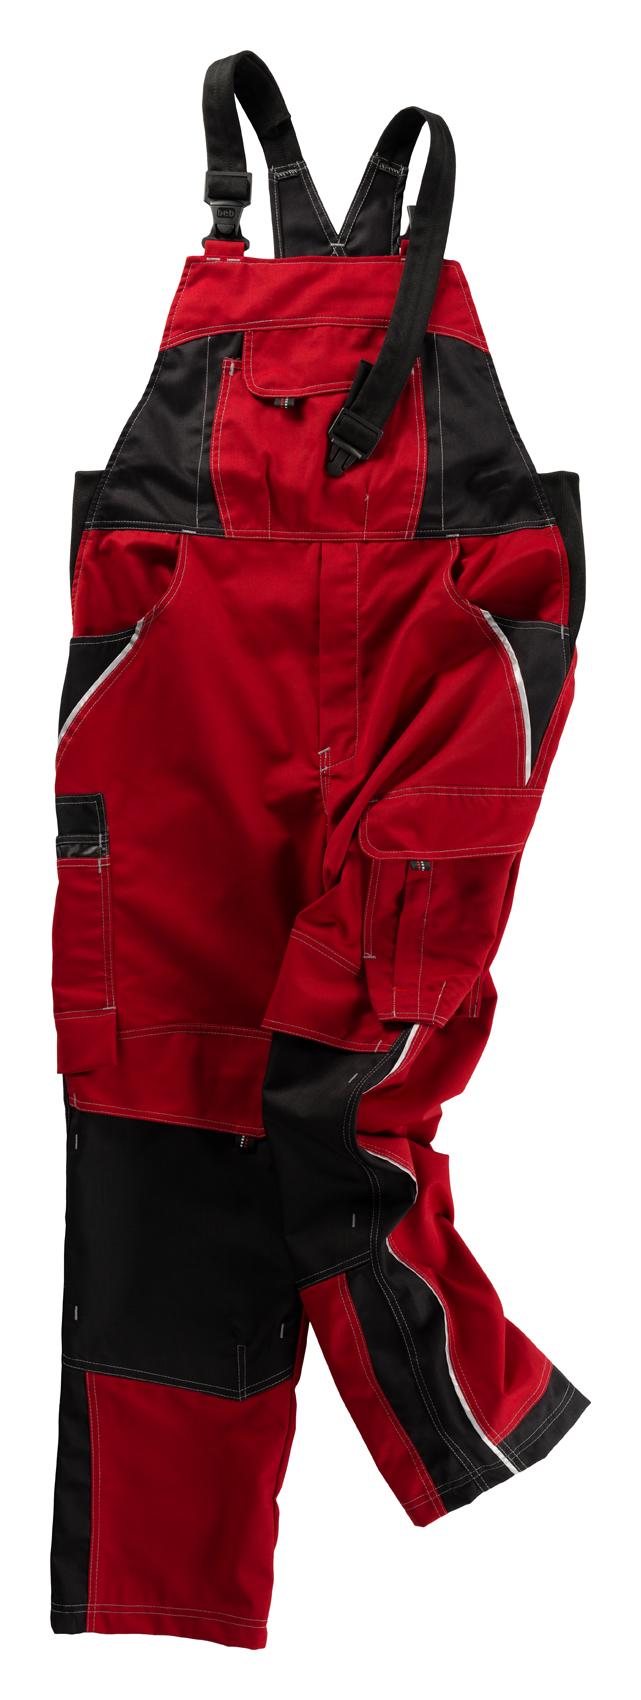 Heute im Angebot: Latzhose INFLAME von BEB / Farbe: Fire engine red in der Region Offenbach